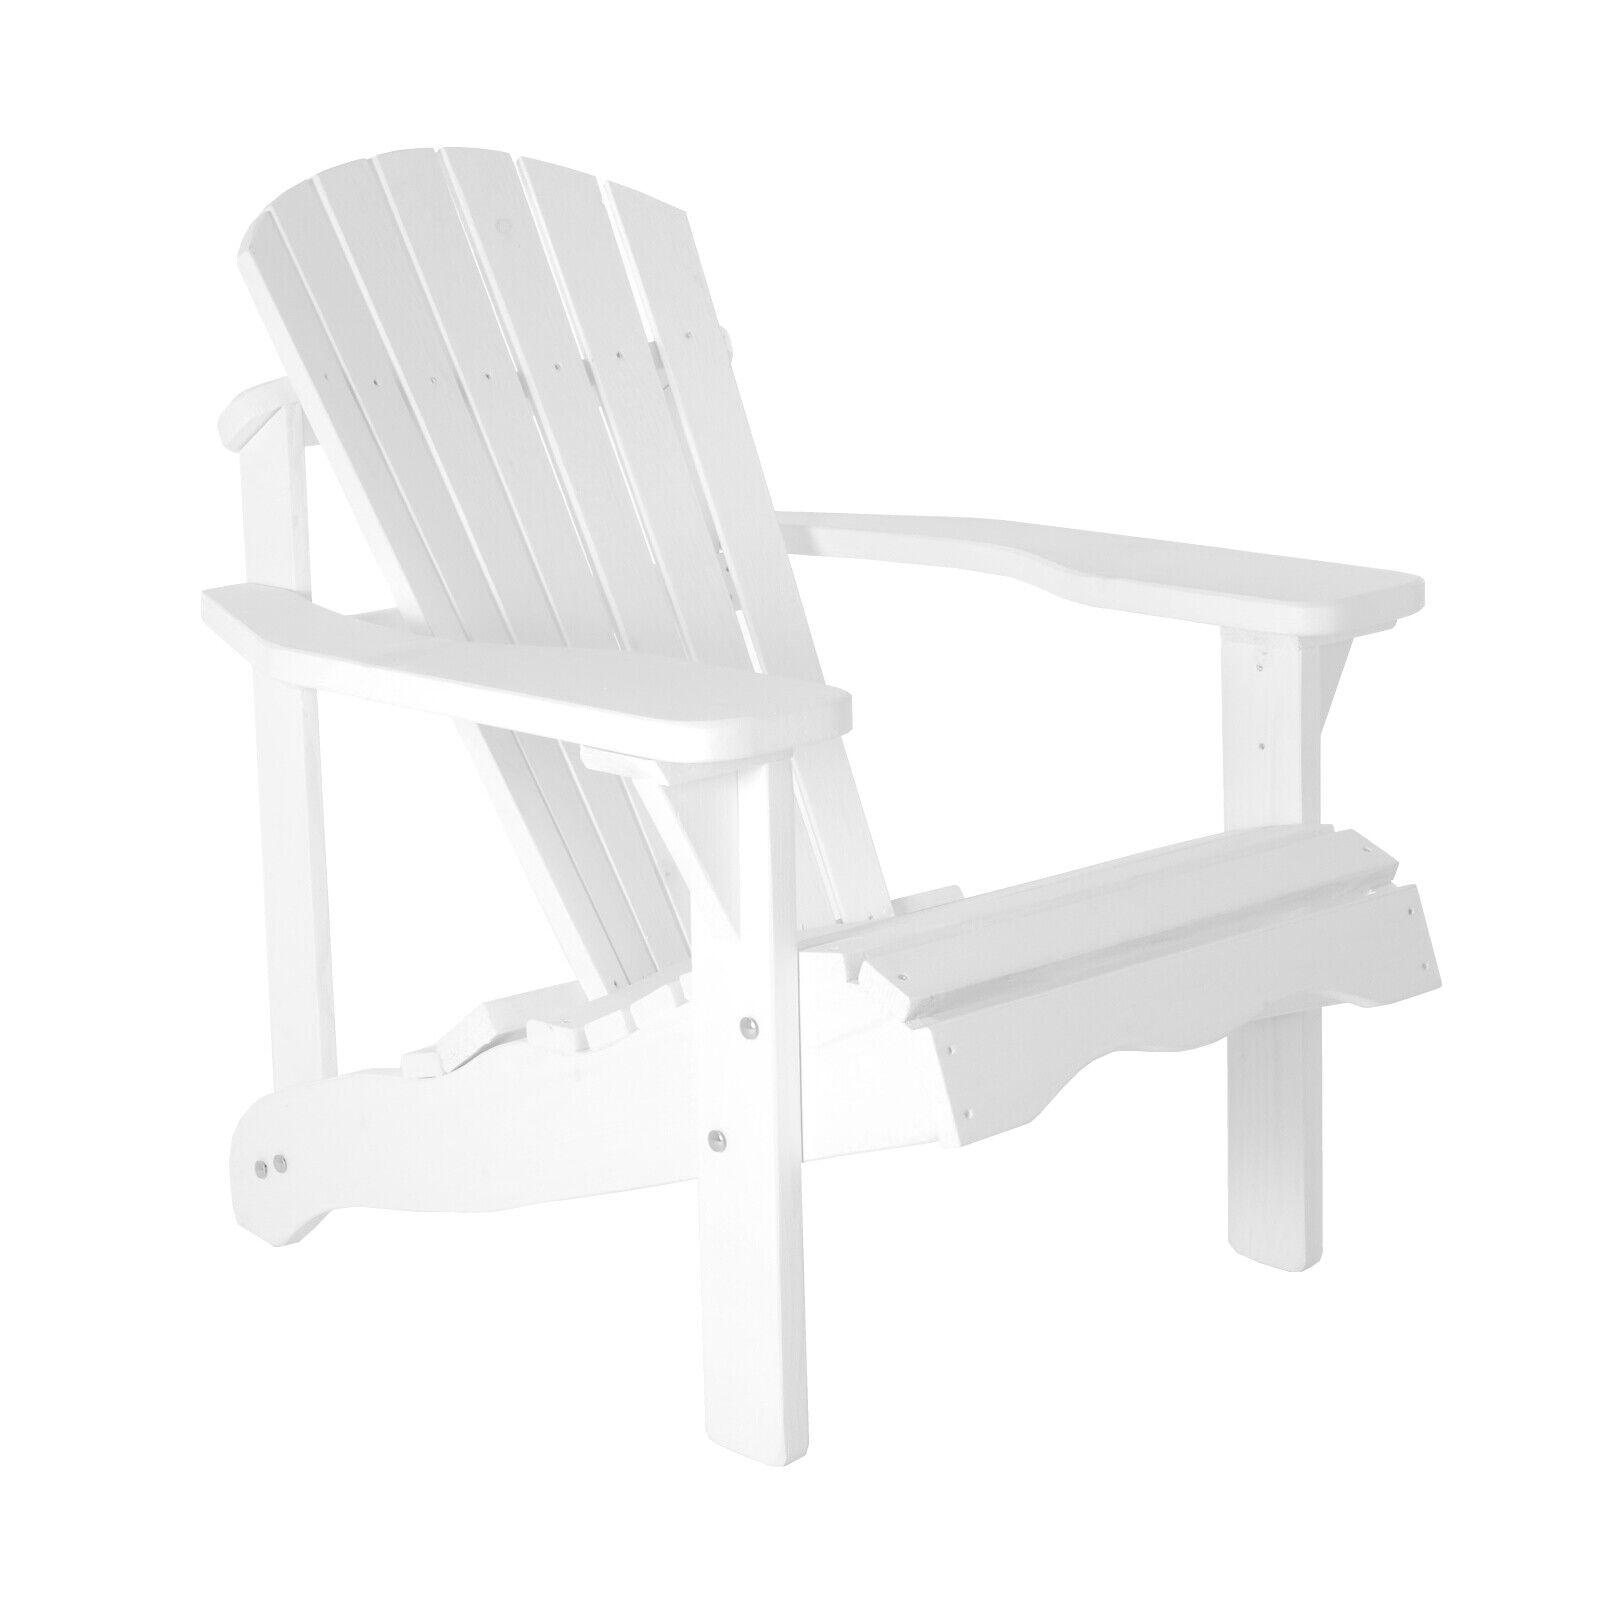 Gartenstuhl / Gartensessel Canadian Jumbo Adirondack Deckchair Holz Weiß